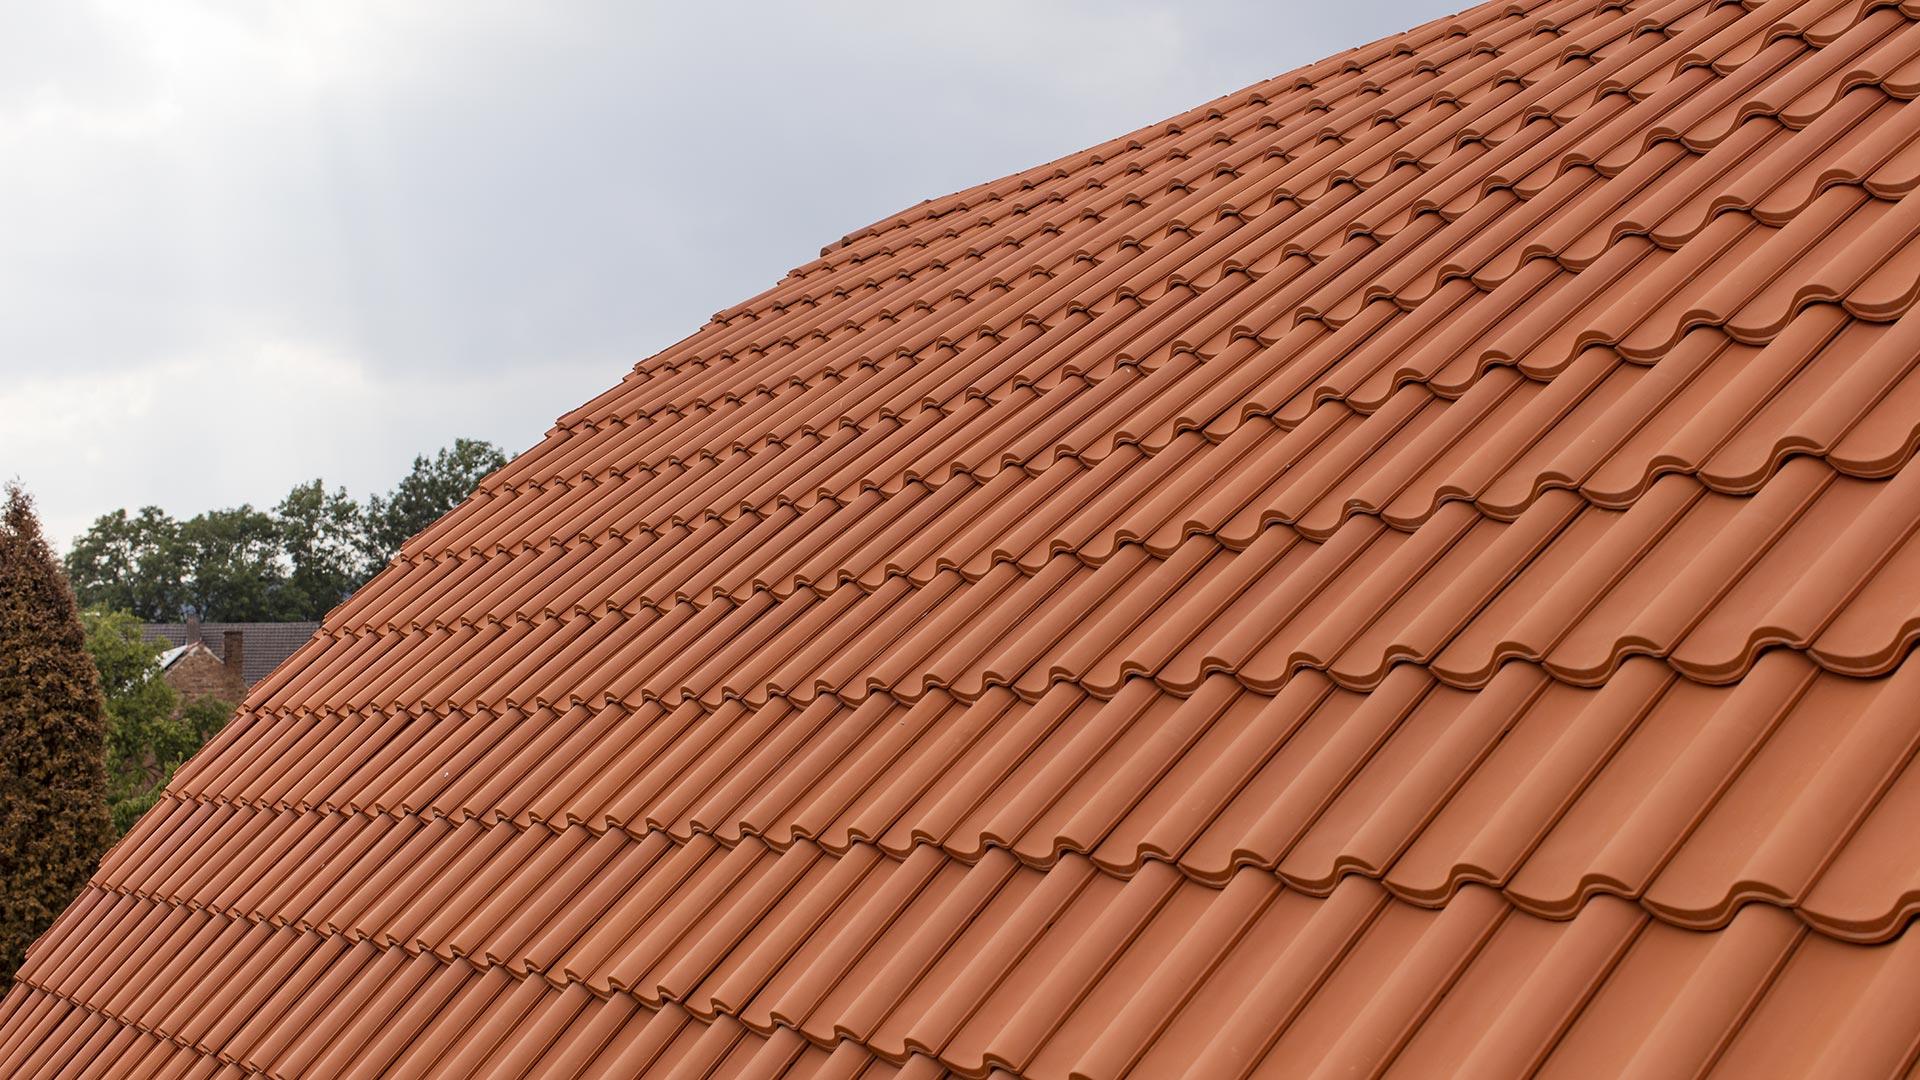 Architekturfotografie: gewölbtes Dach | Foto: Dieter Eikenberg, imprints